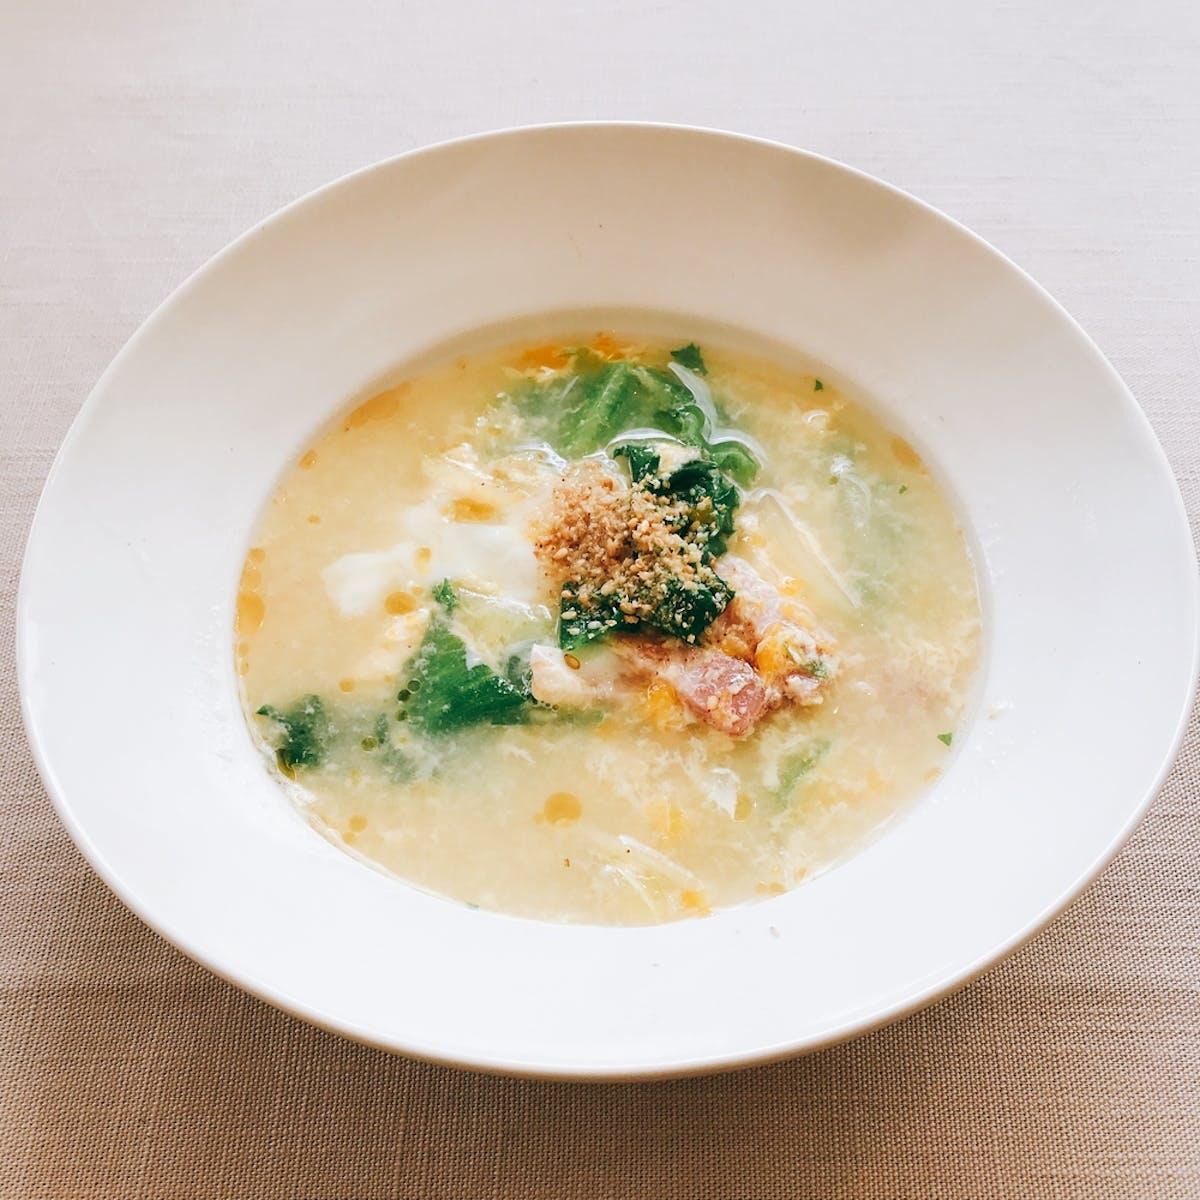 レタスとベーコンの中華風胡麻スープ